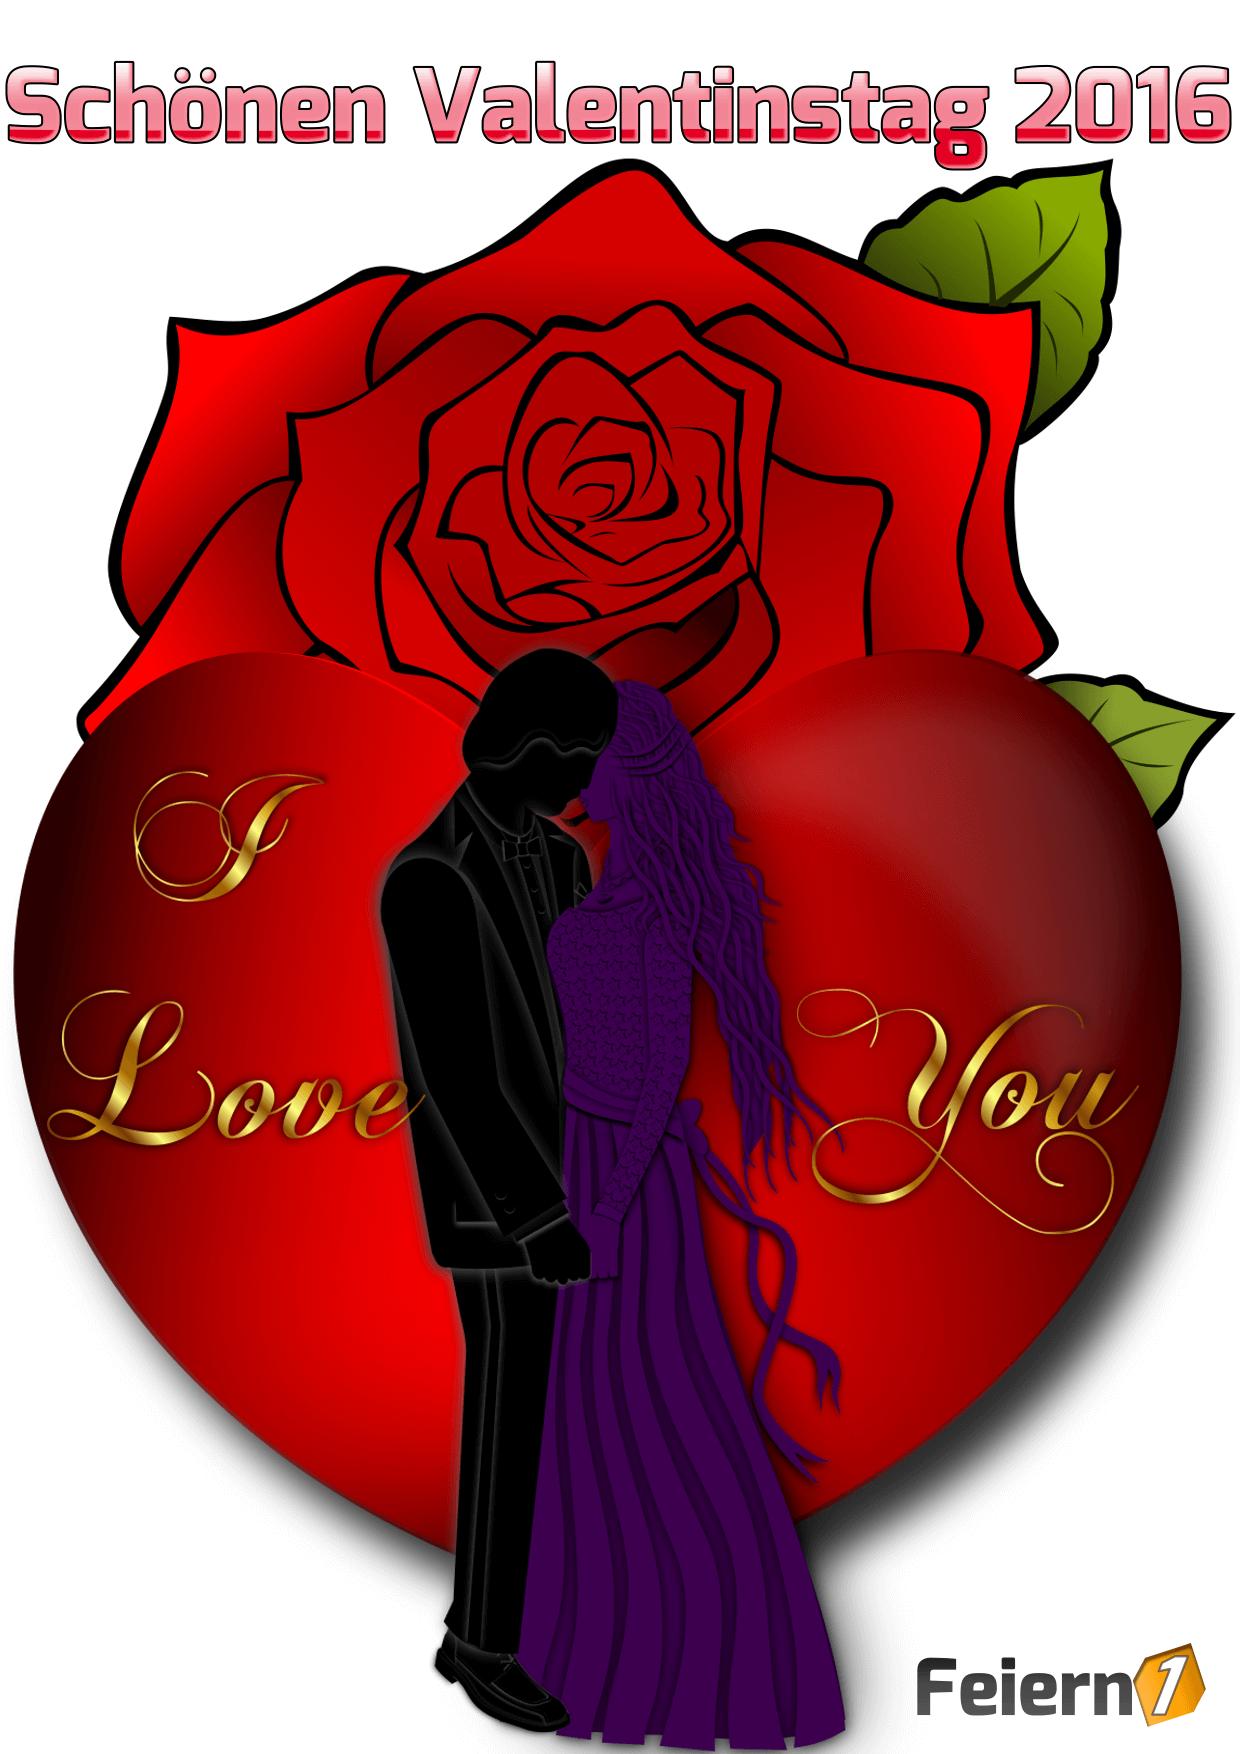 Schönen Valentinstag 2016!!!